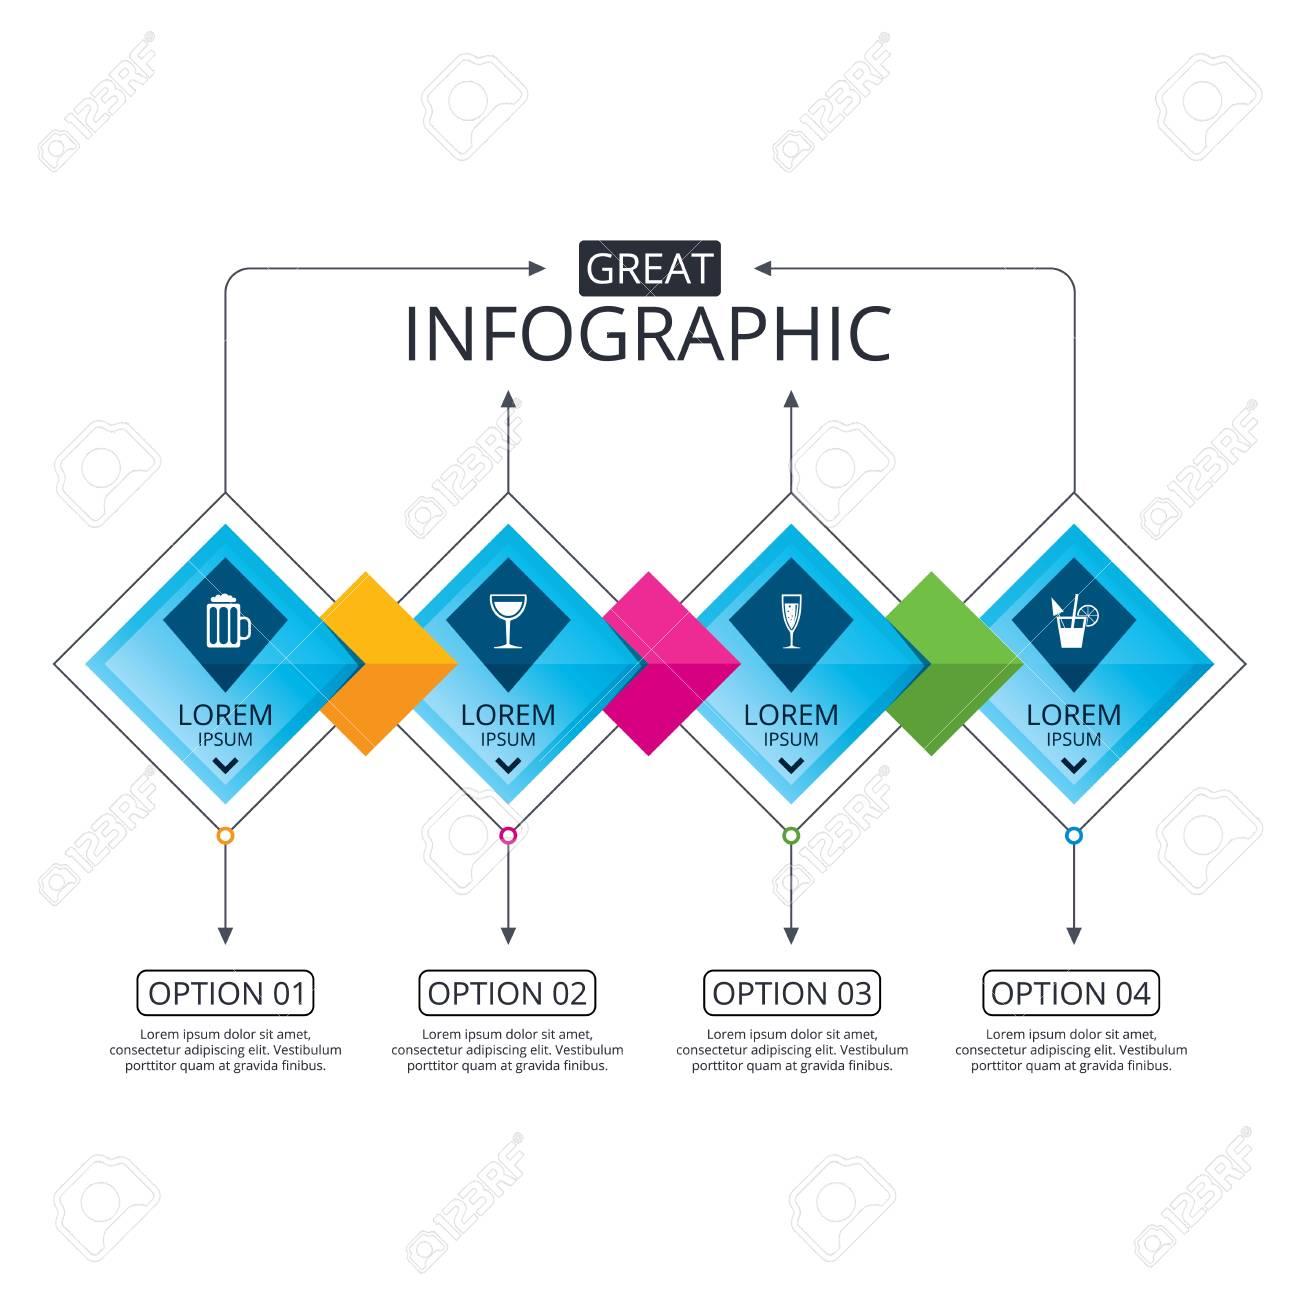 Plantilla de diagrama de flujo de infografa diagrama de negocios plantilla de diagrama de flujo de infografa diagrama de negocios con opciones iconos de bebidas alcohlicas champagne vino espumoso con burbujas y ccuart Gallery